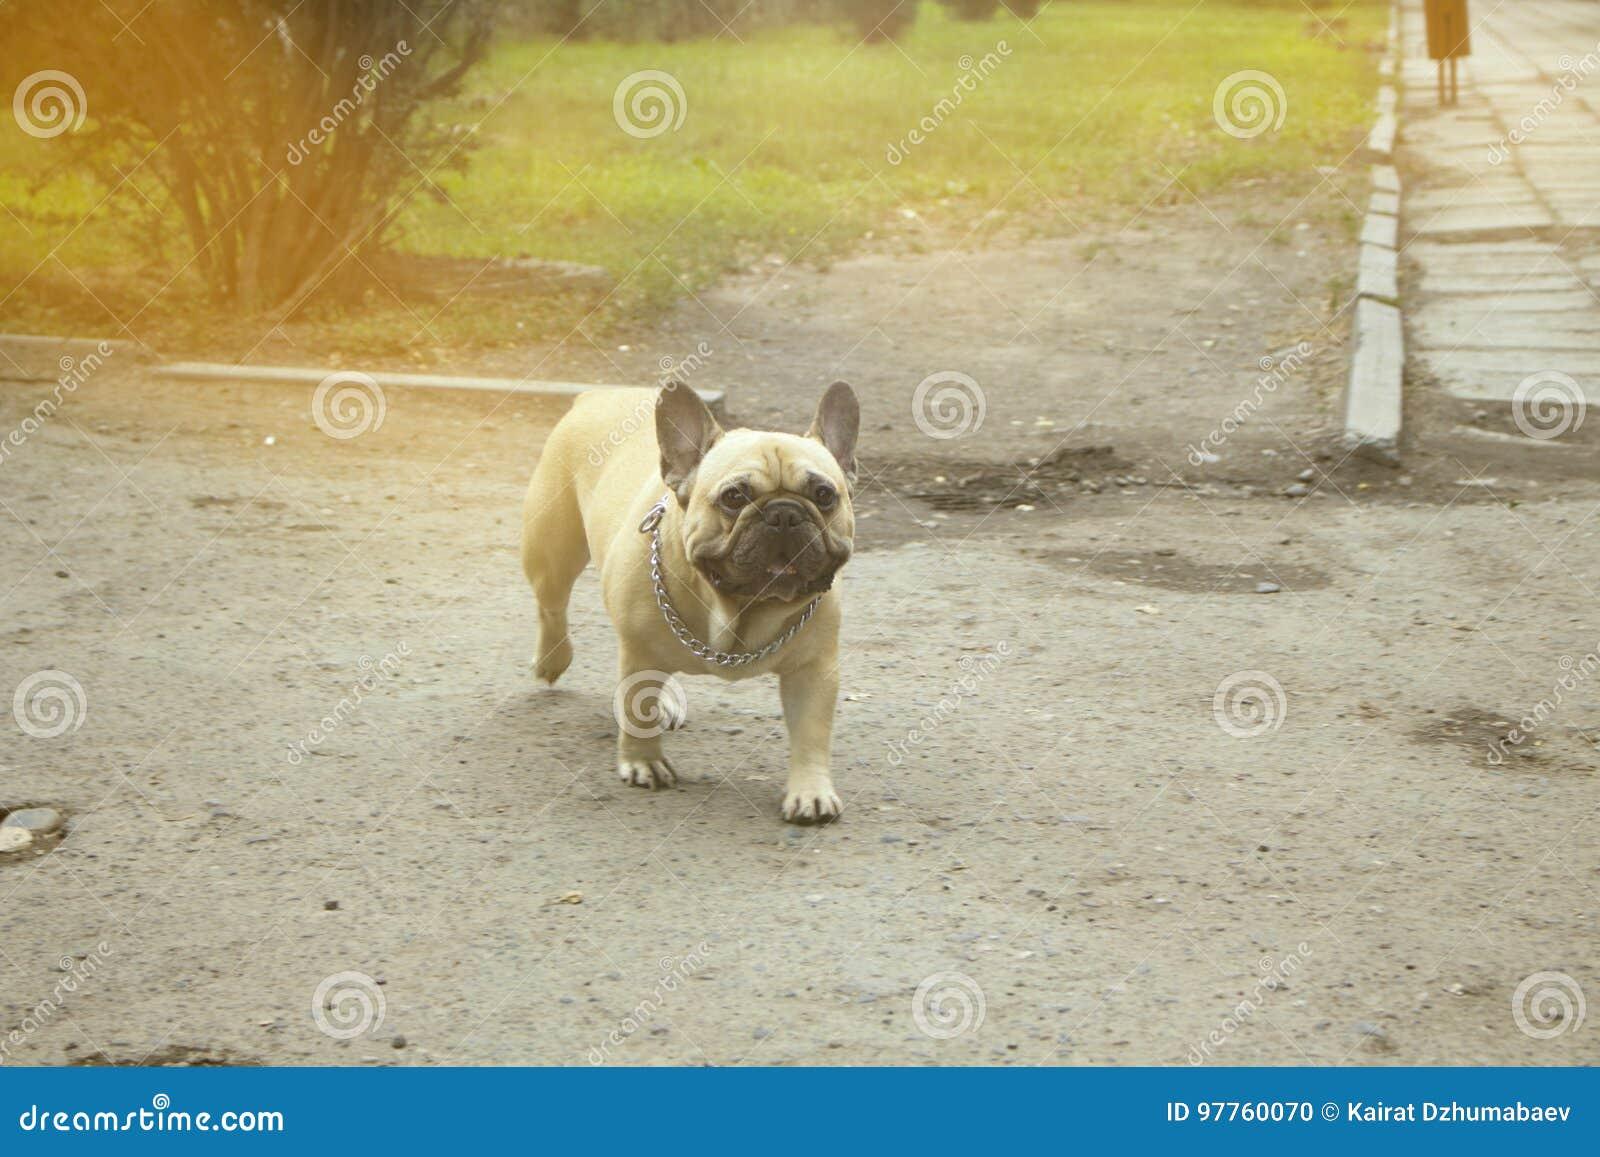 Un perro aljofifa